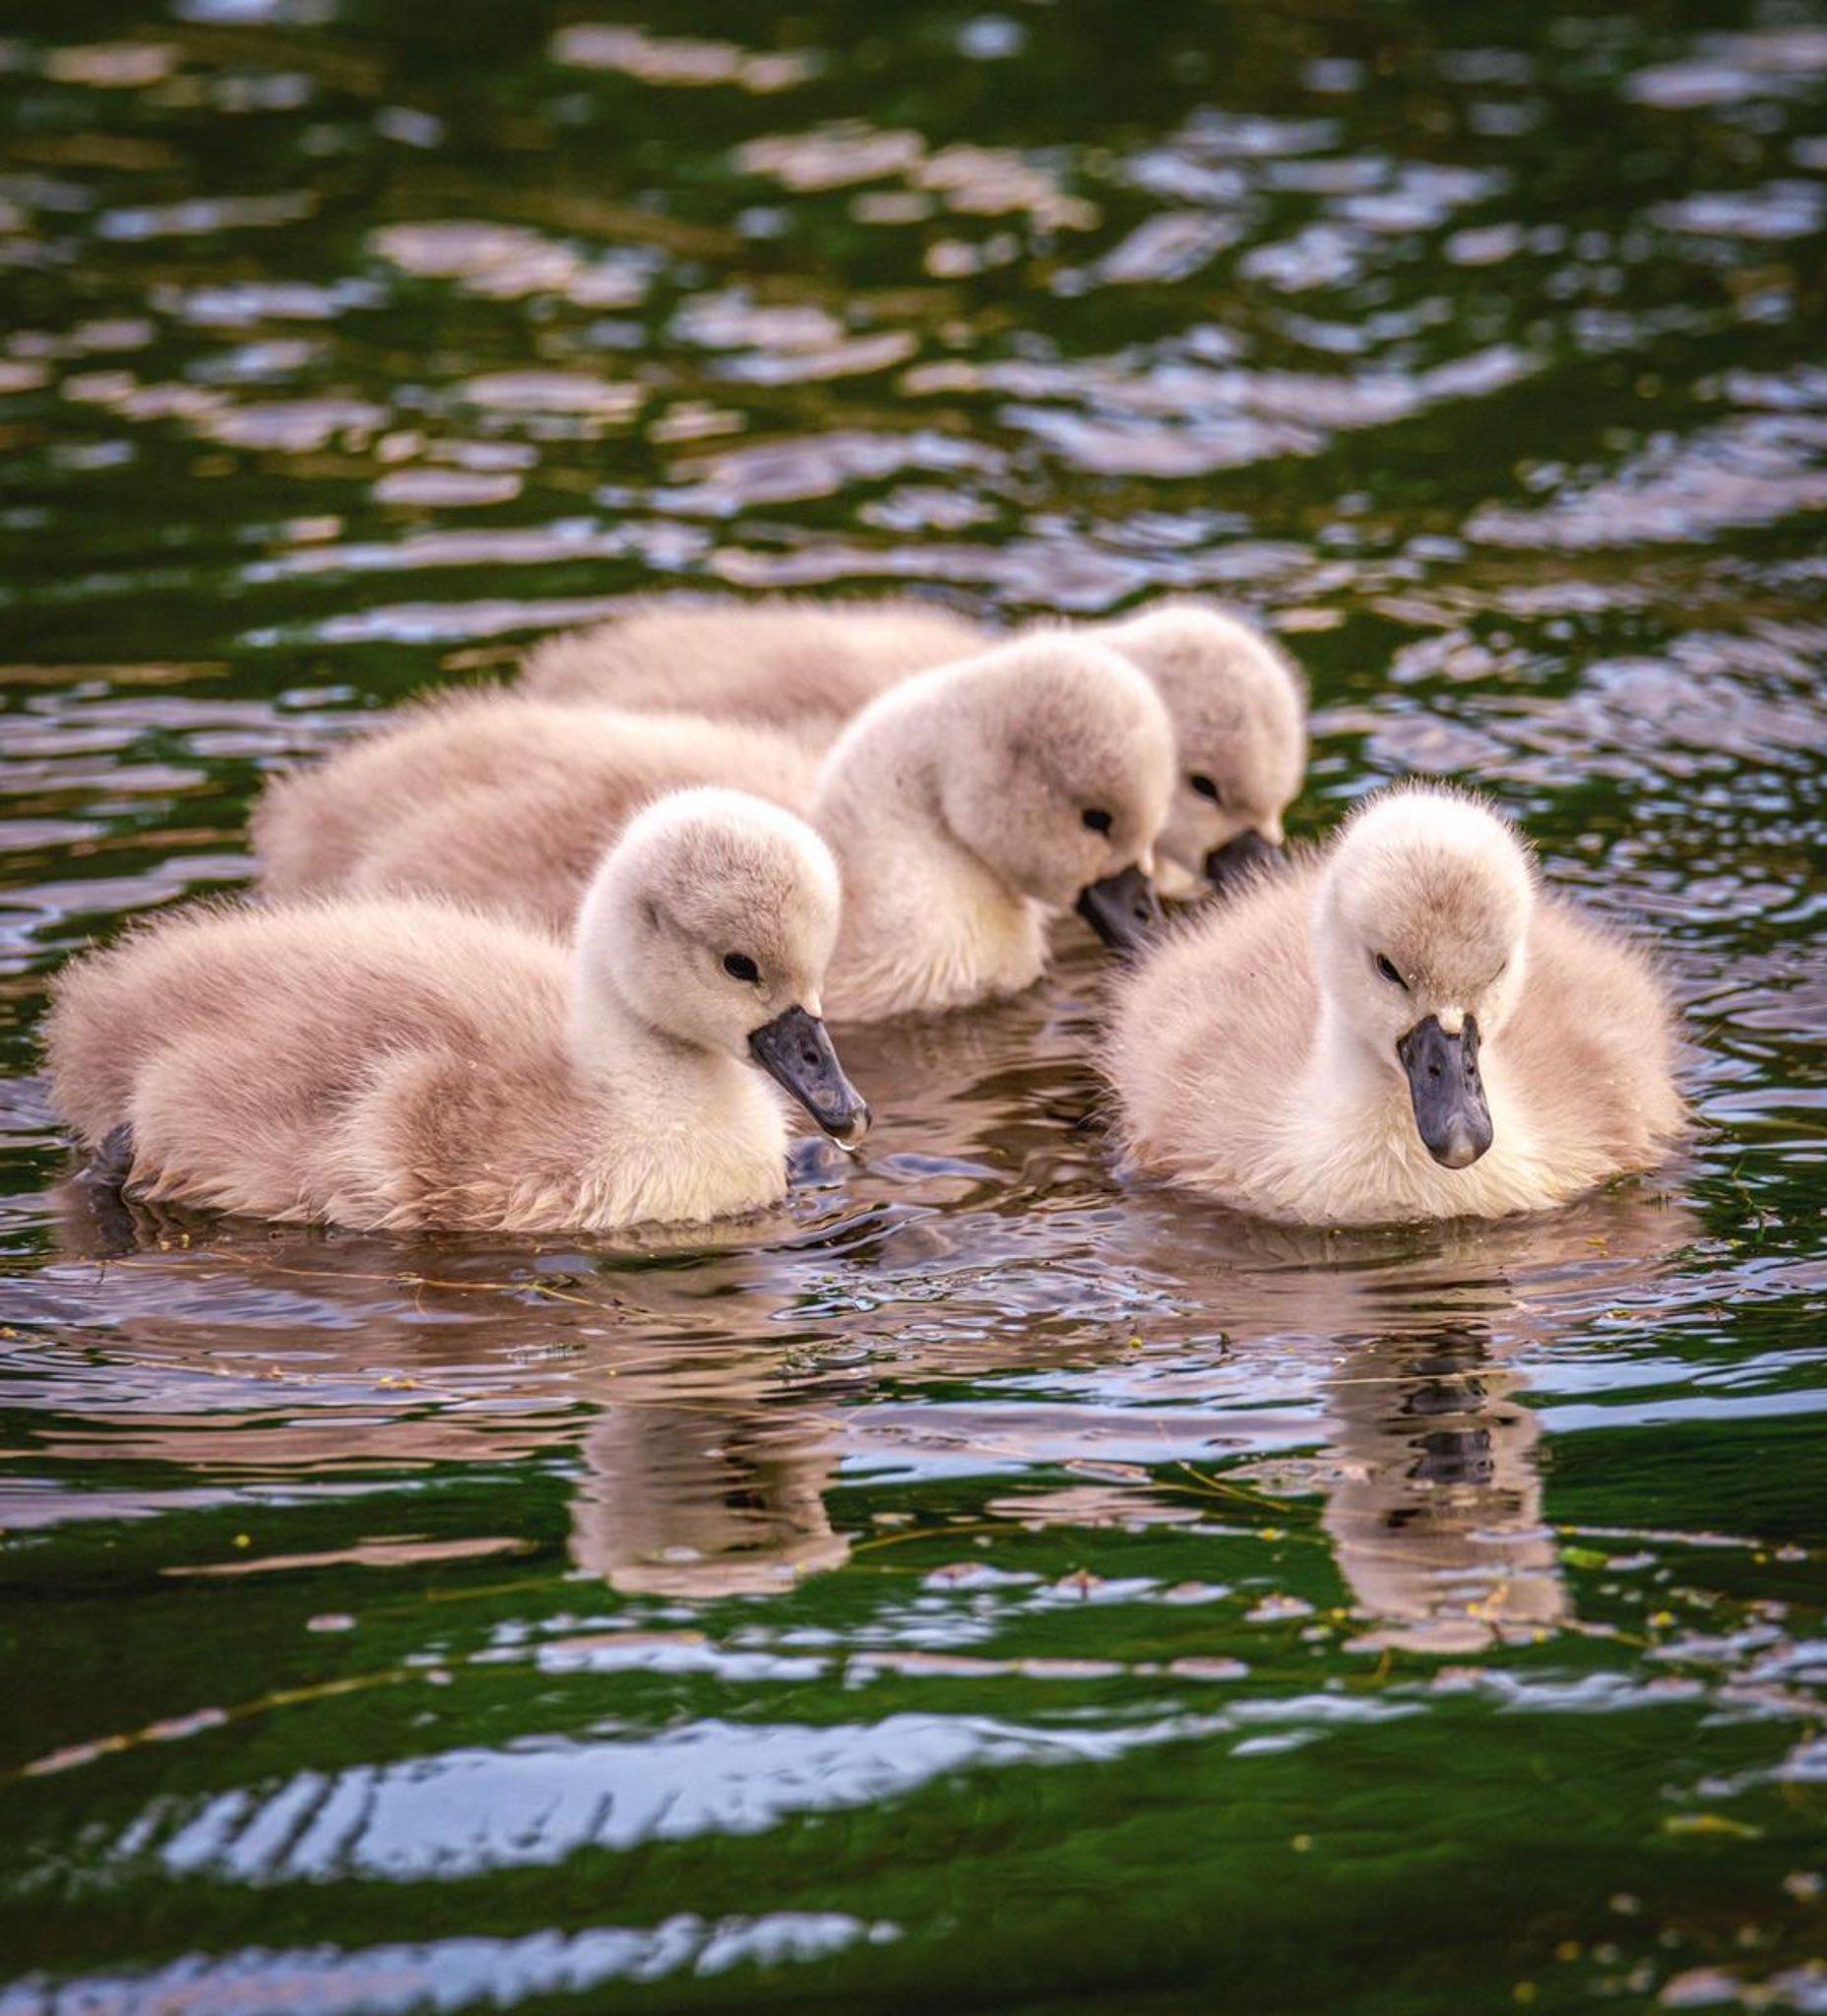 młode ptaki pływają po wodzie